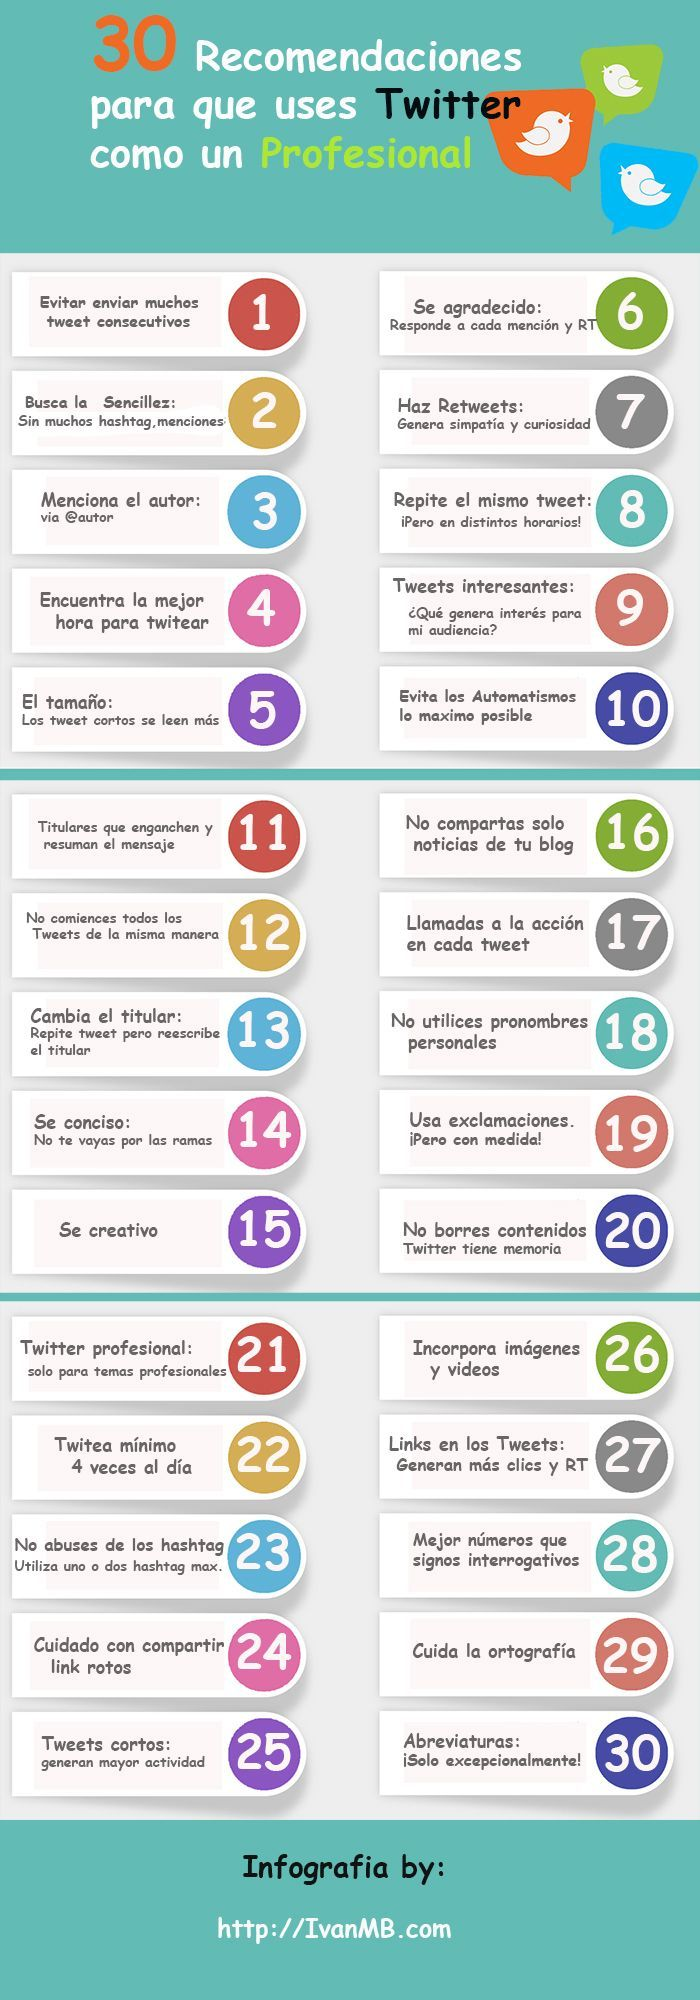 30 tips para usar Twitter como un profesional